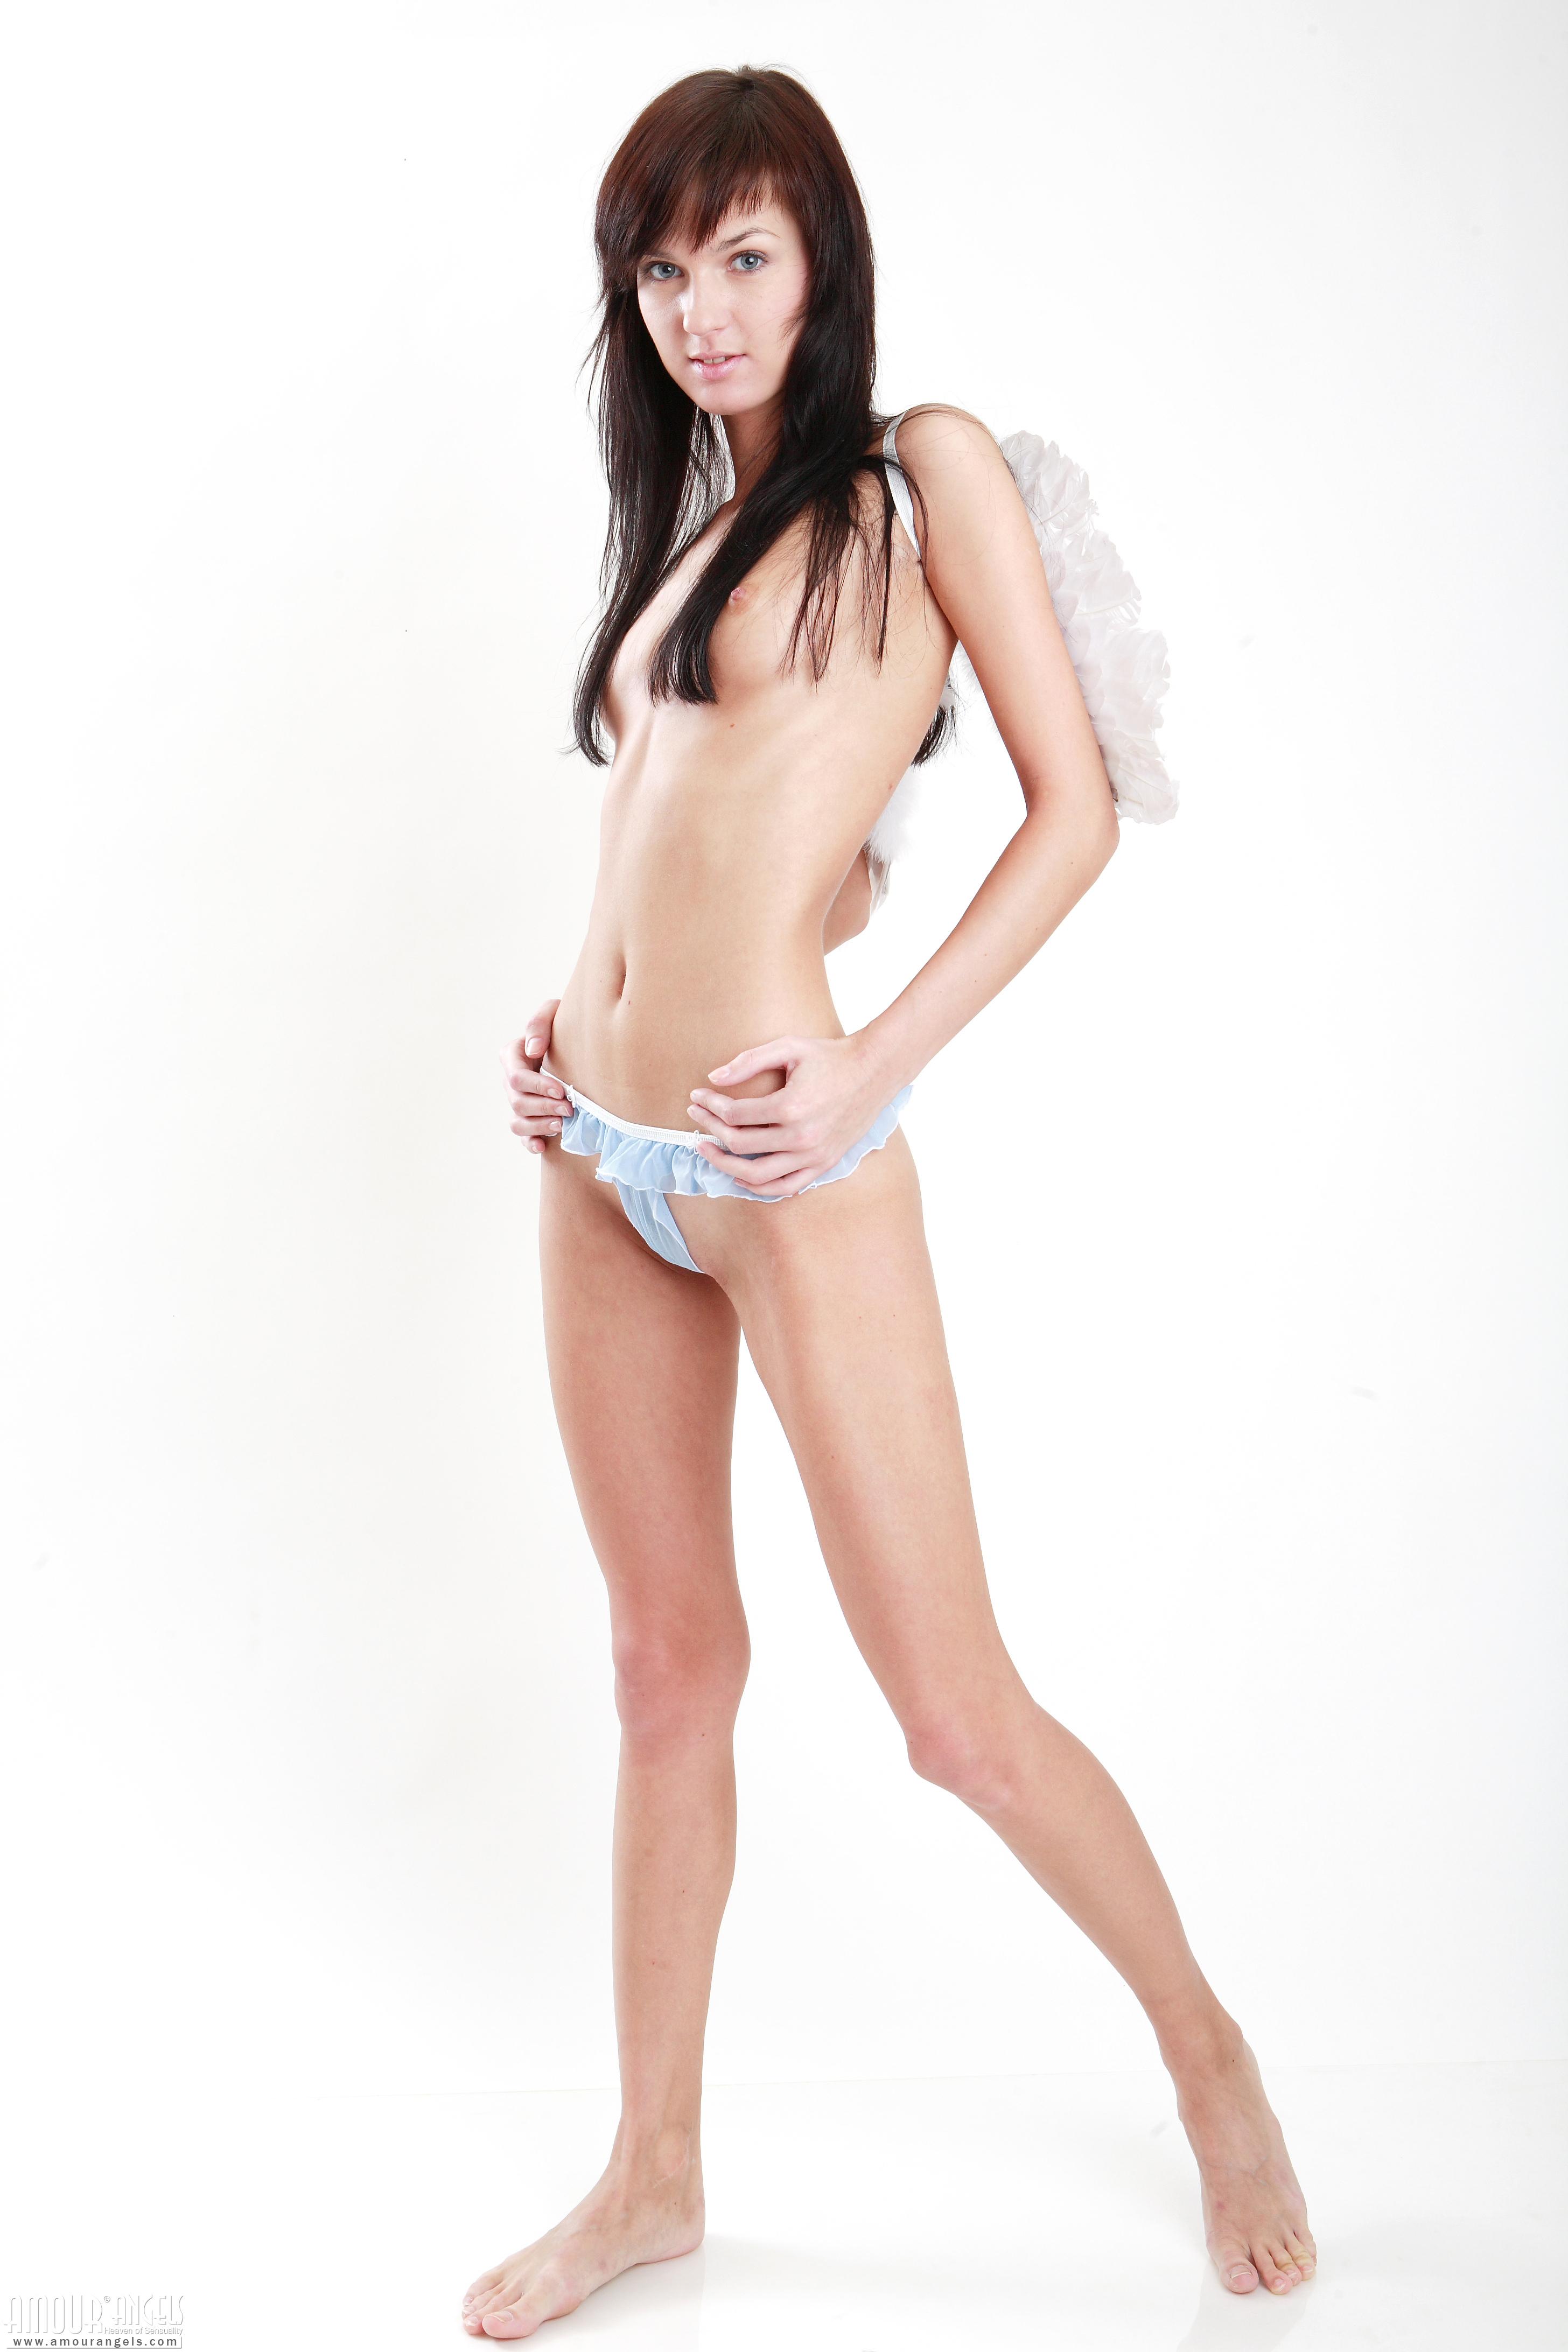 эротическое фото сестры в белых трусикаху раздвинула ноги